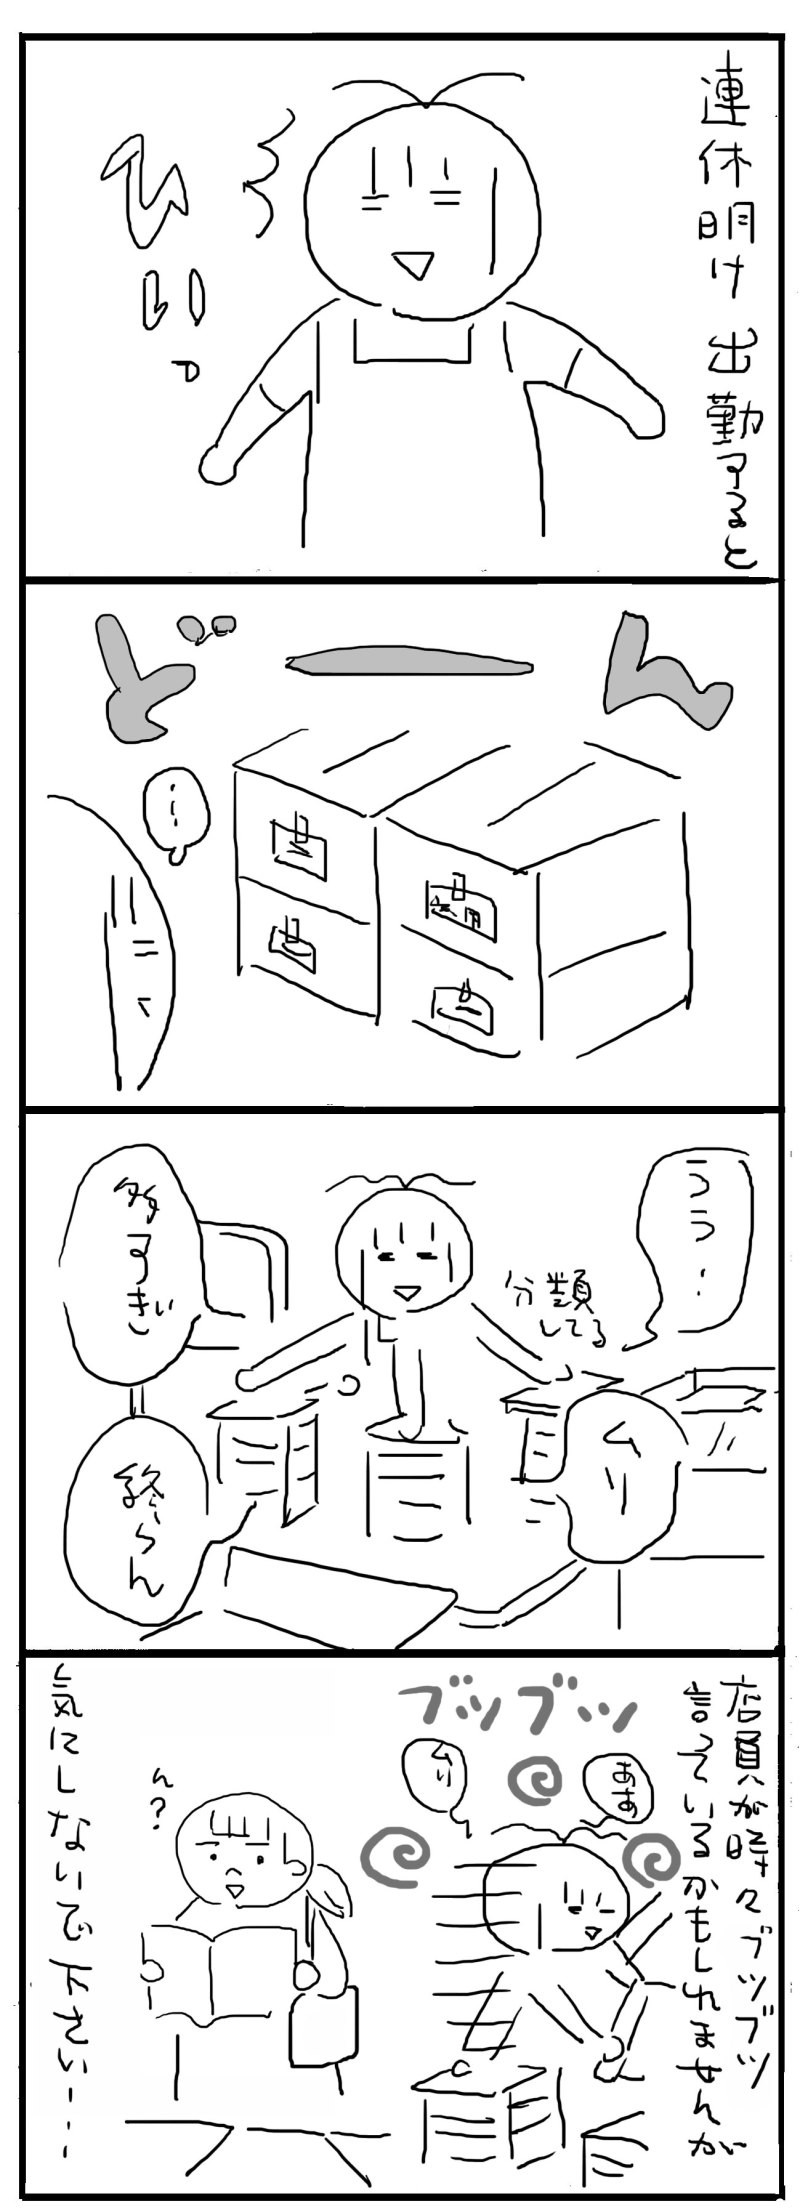 1d774cb7.jpg